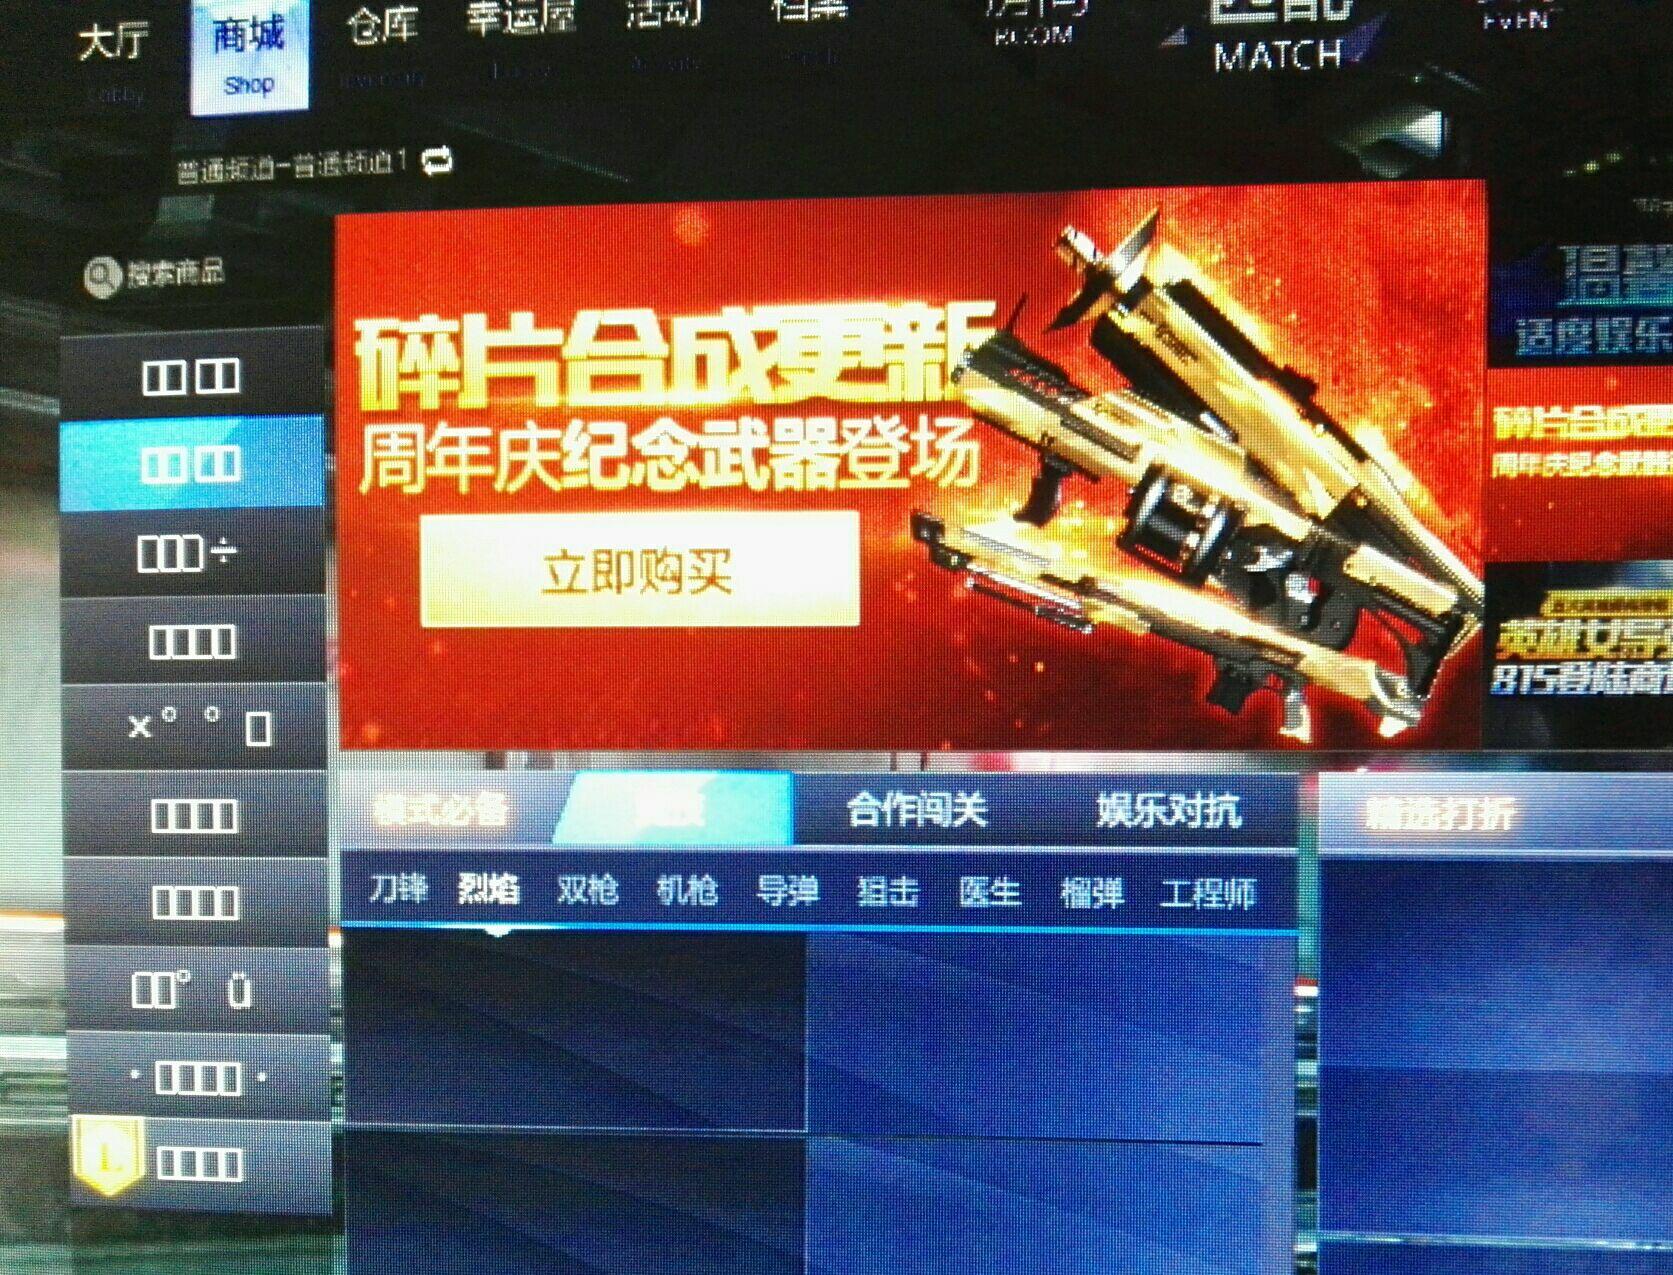 CAAEF03566ACA5BC0745A420401D43EC.jpg